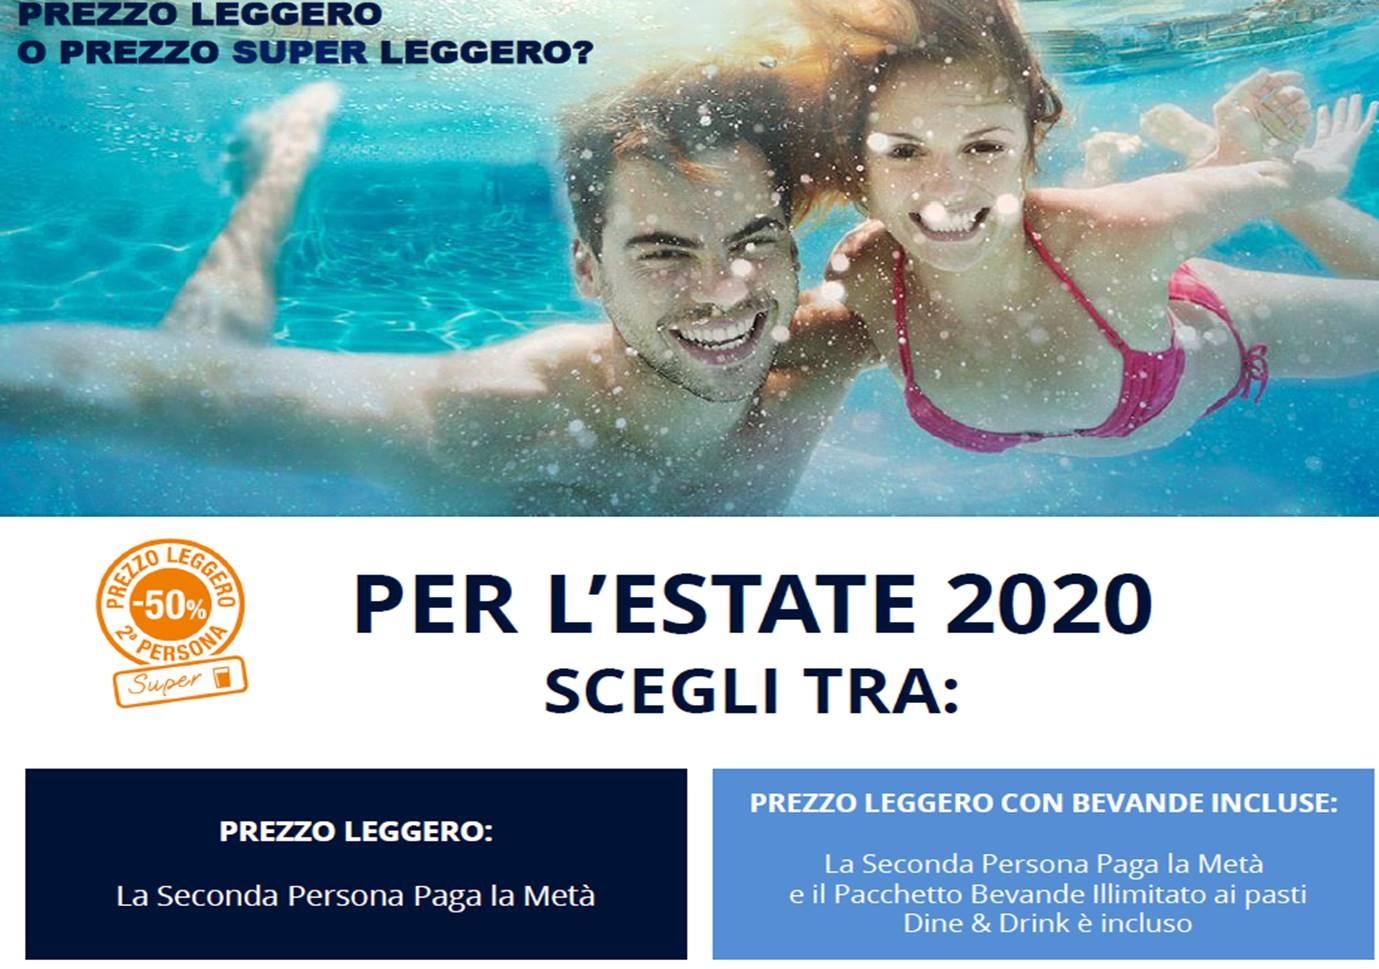 Risultati immagini per PREZZO LEGGERO MSC 2020